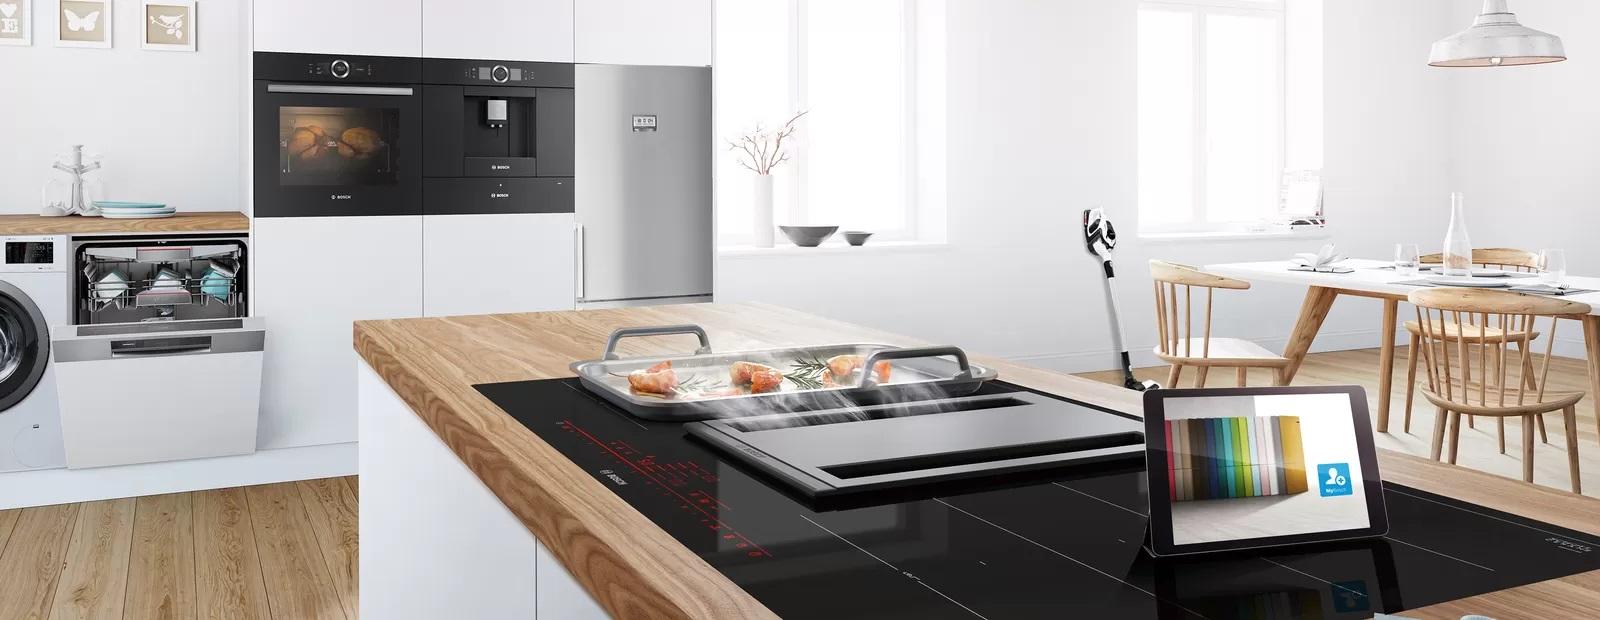 Bếp từ Bosch trong không gian bếp hiện đại